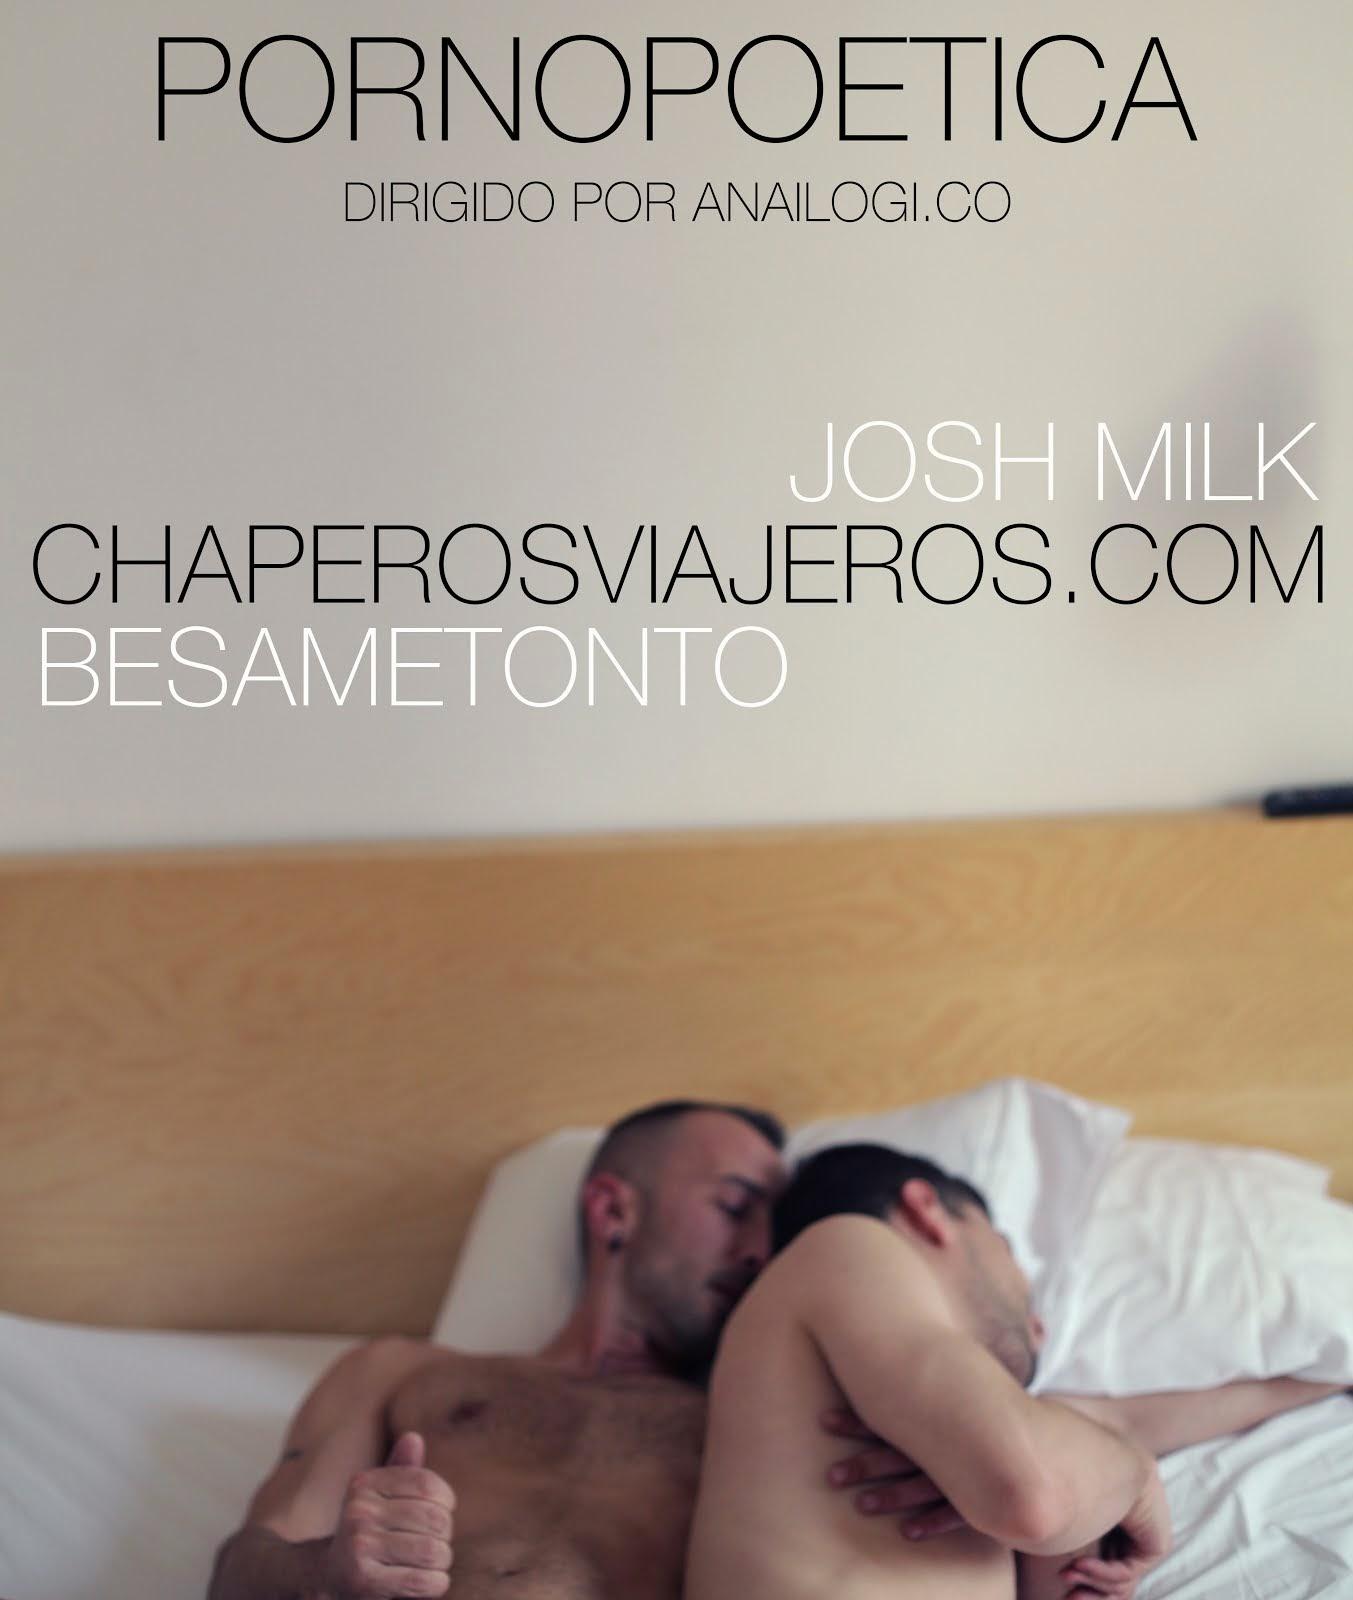 El corto erótico de Josh Milk & Besametonto